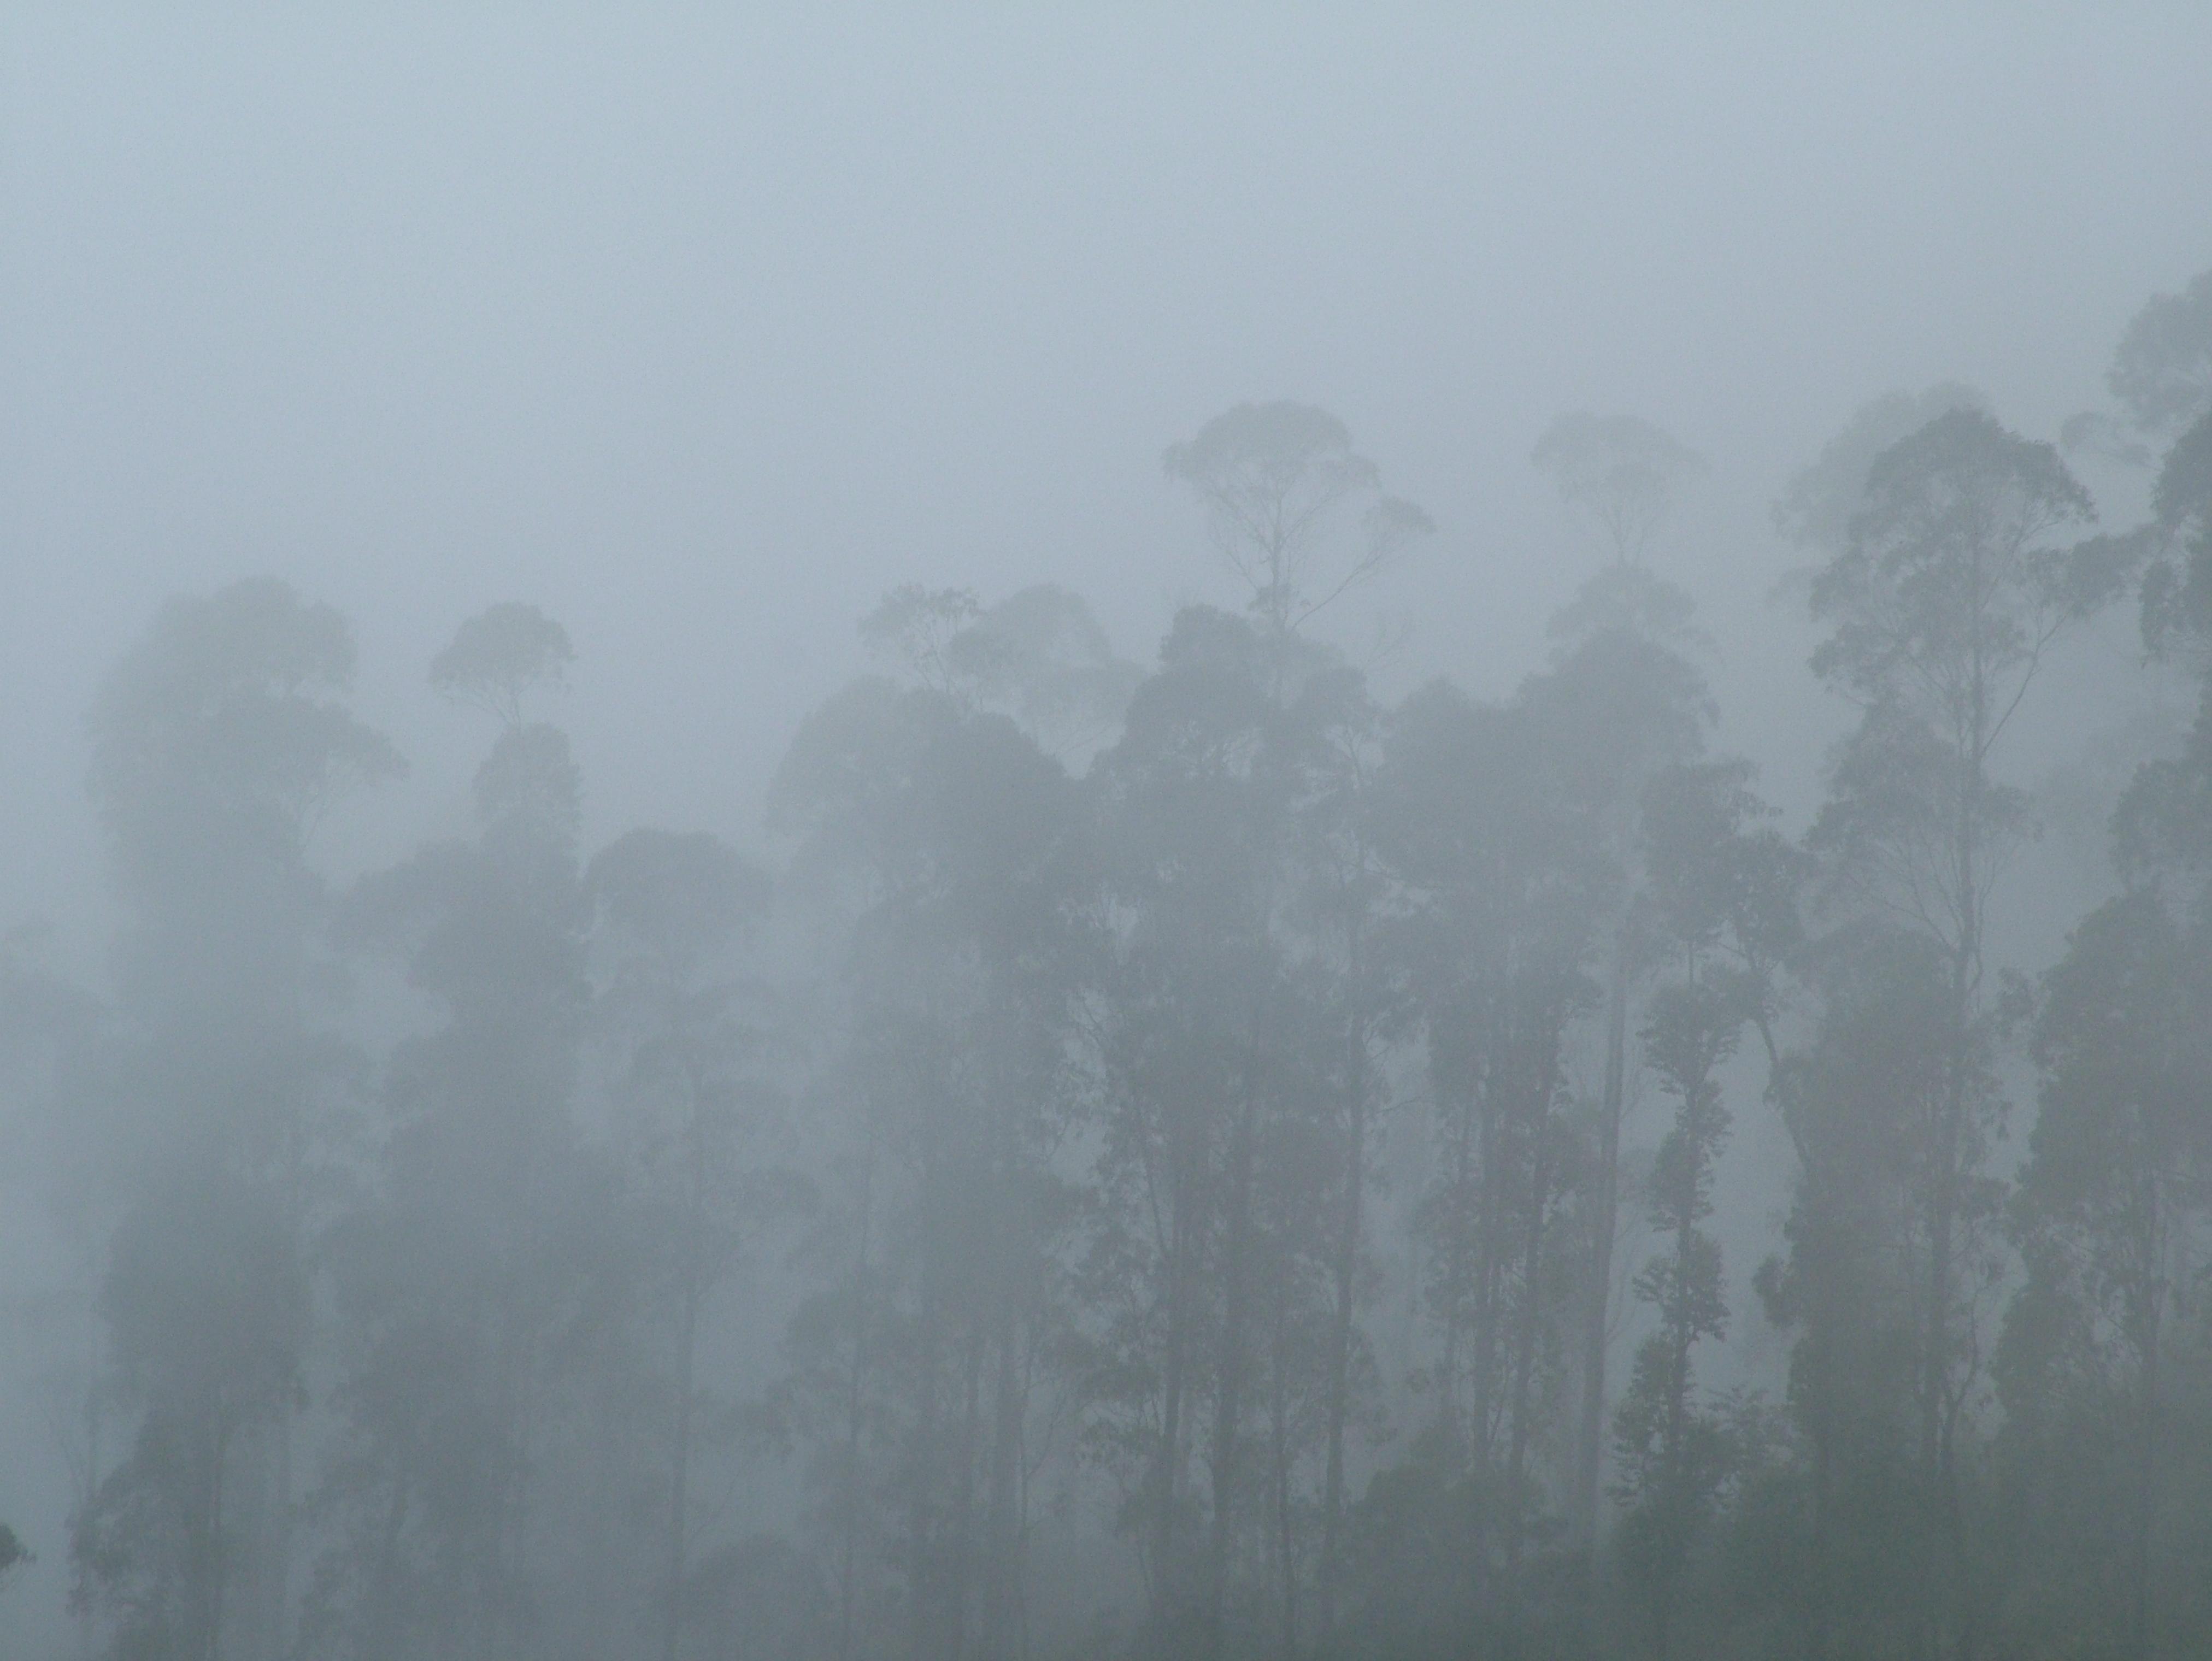 Avatar for The mist spirit